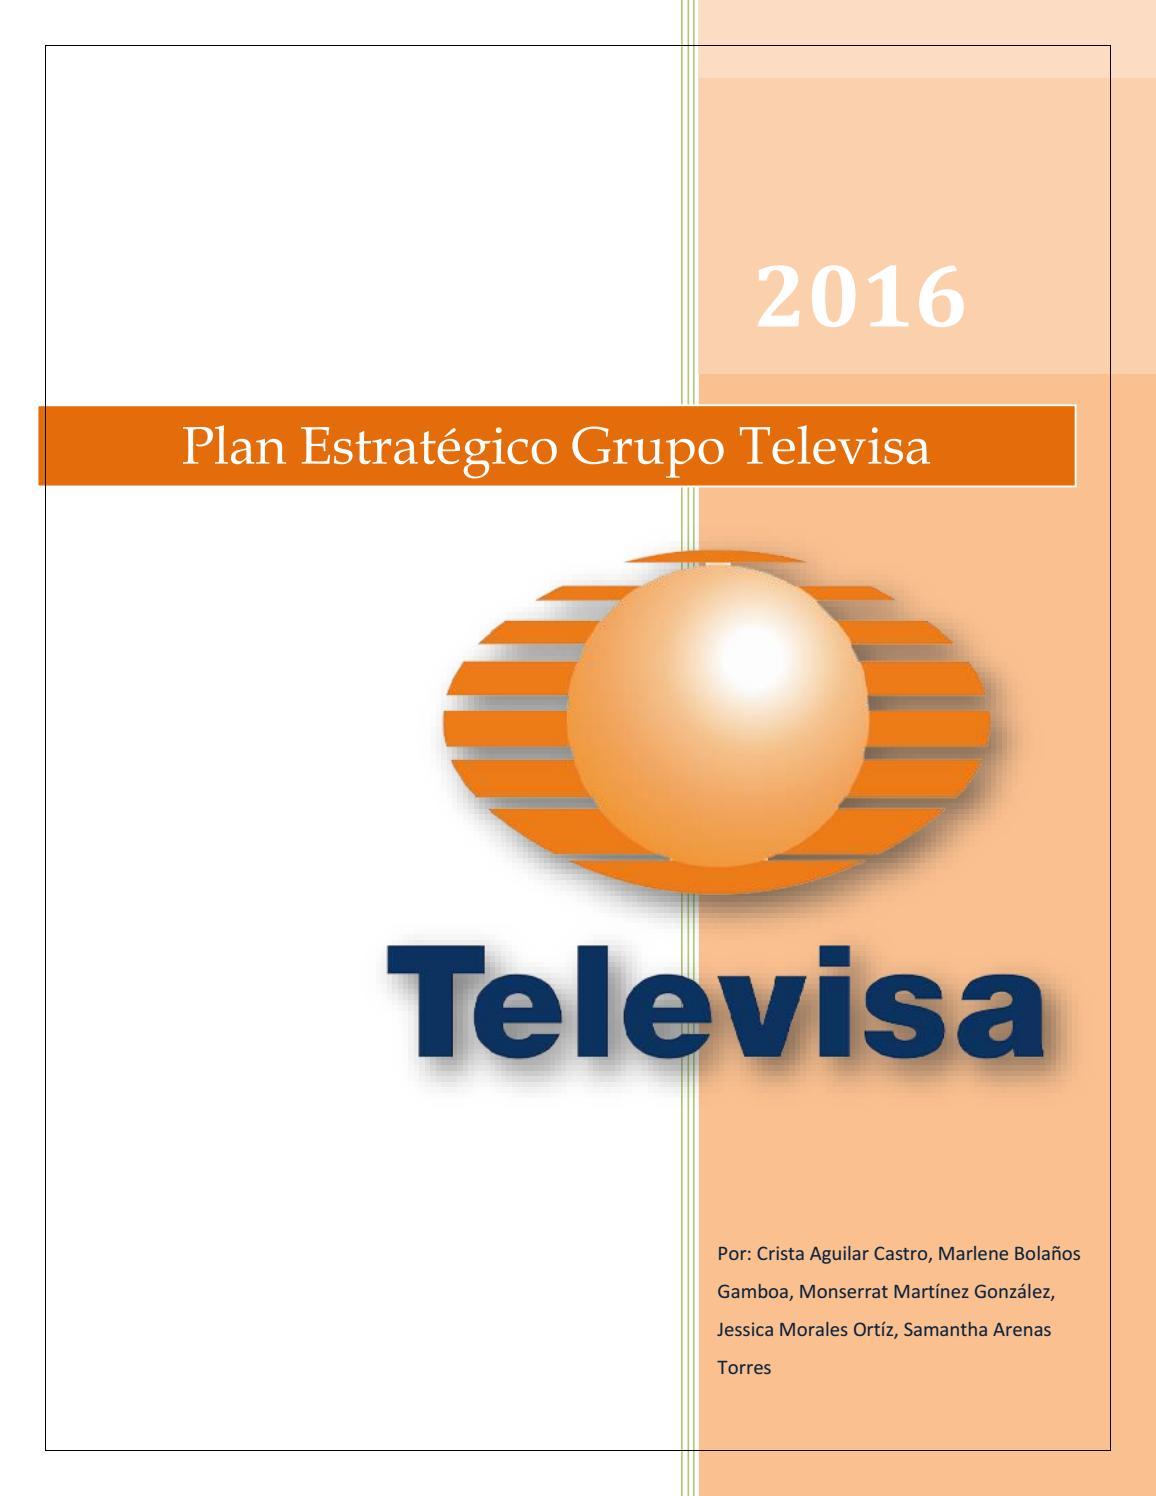 Plan Estratégico Grupo Televisa by Cris Aguilar - issuu